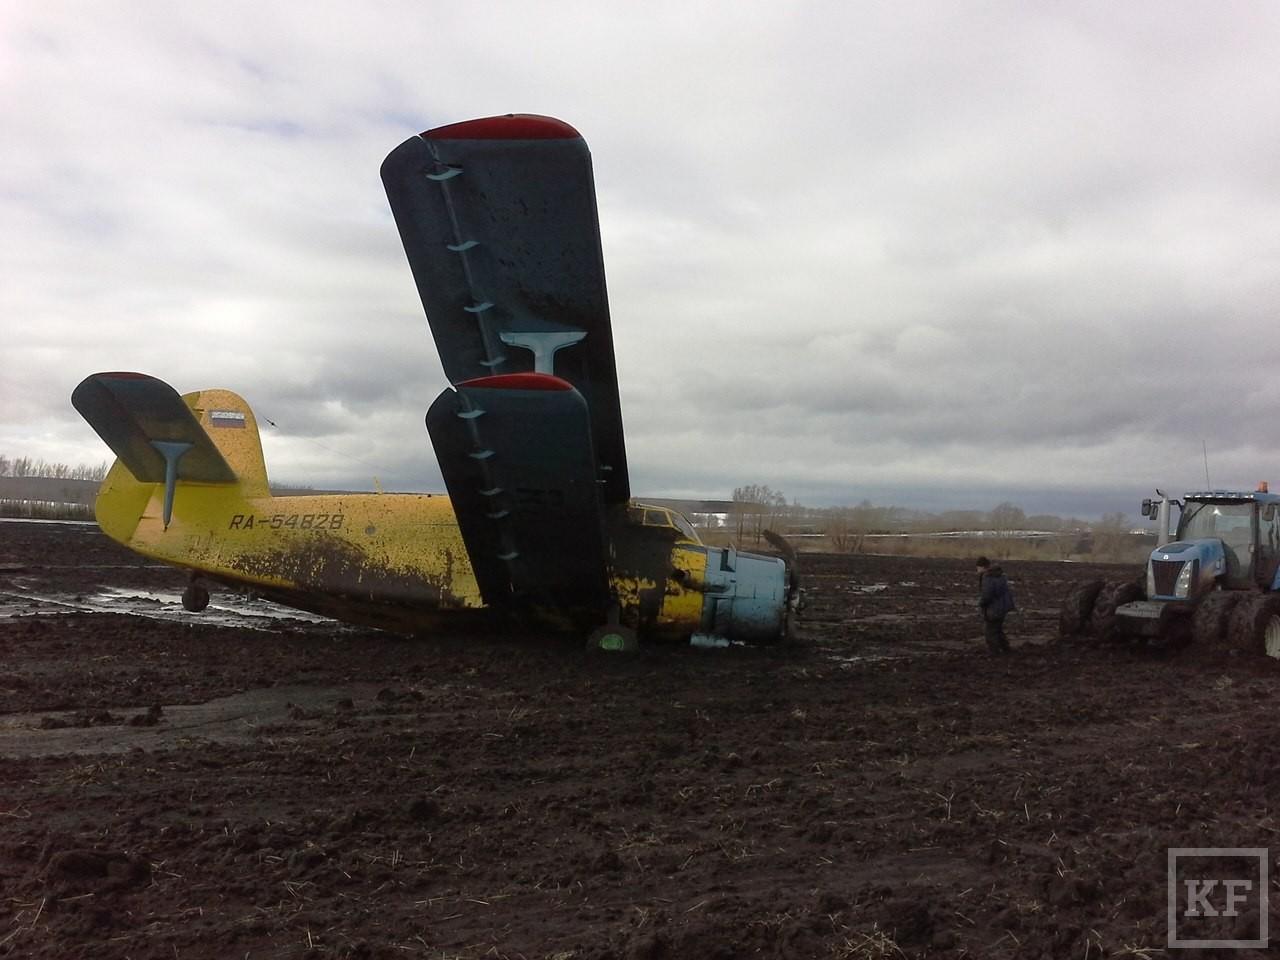 В Татарстане совершил вынужденную посадку легкомоторный самолет Ан-2